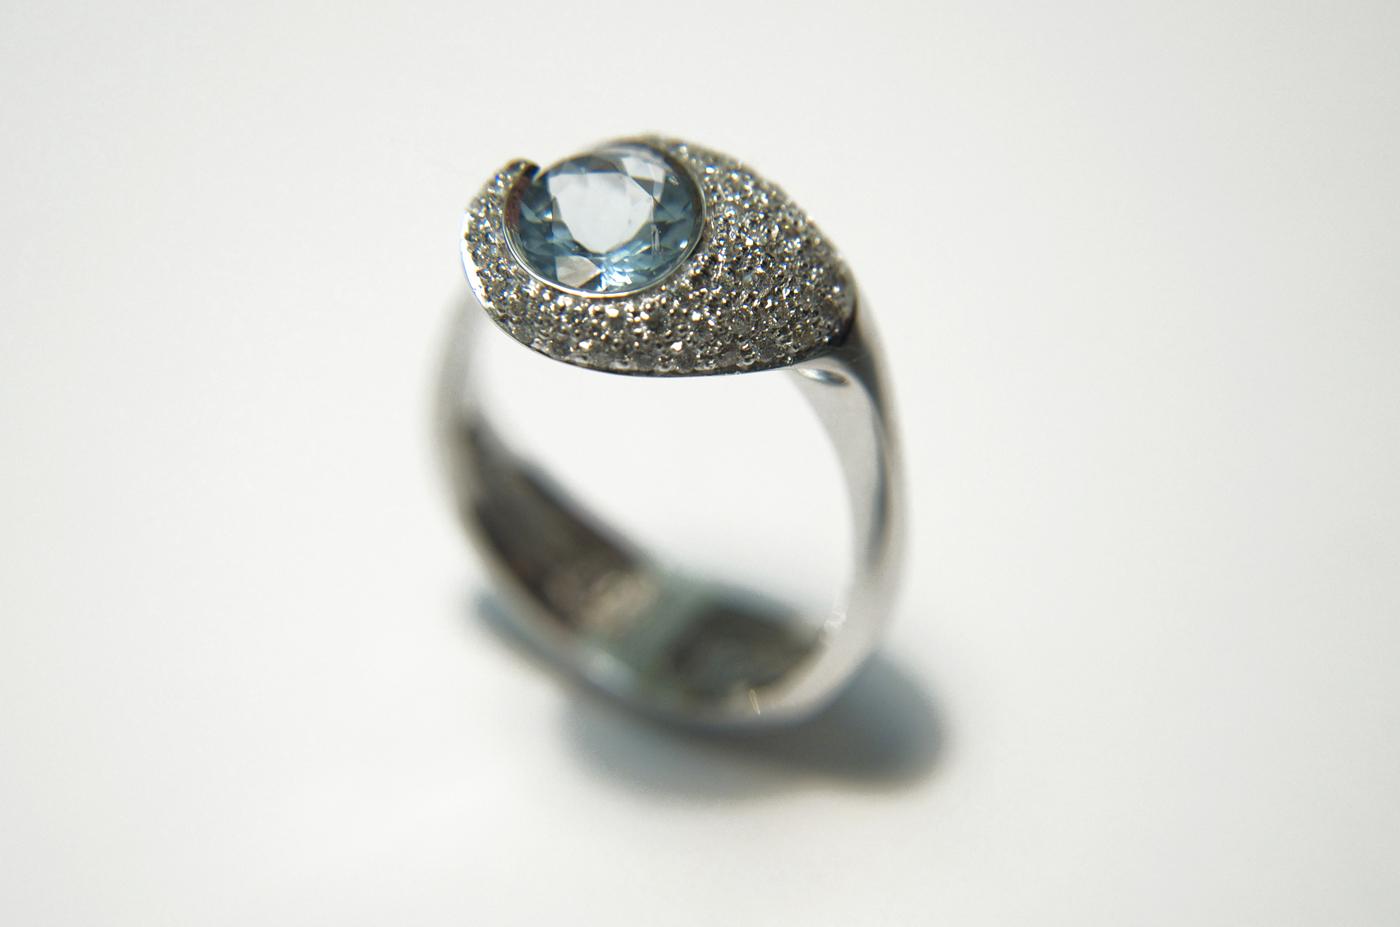 Anello in oro bianco con acqua marina e pavè di diamanti pifferi-gioielli-bologna